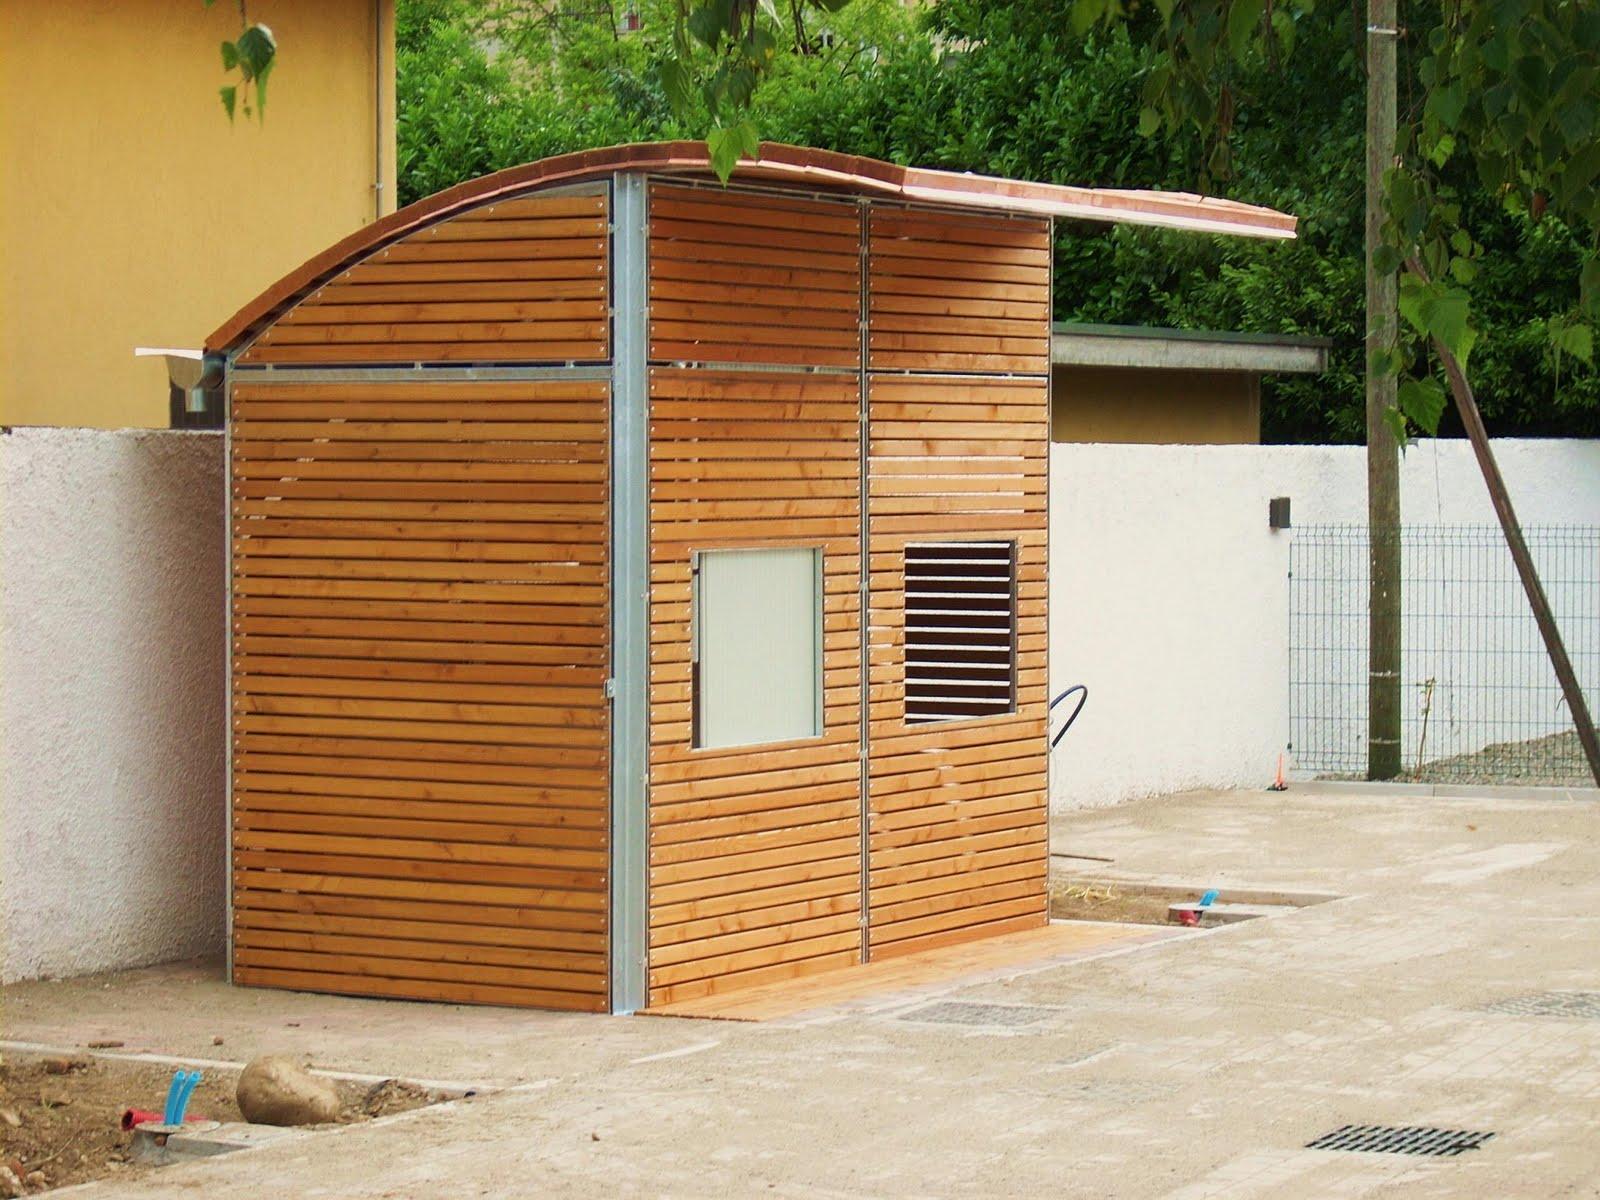 Padernoforum la casa dell 39 acqua in costruzione a - Casa di cura paderno dugnano ...